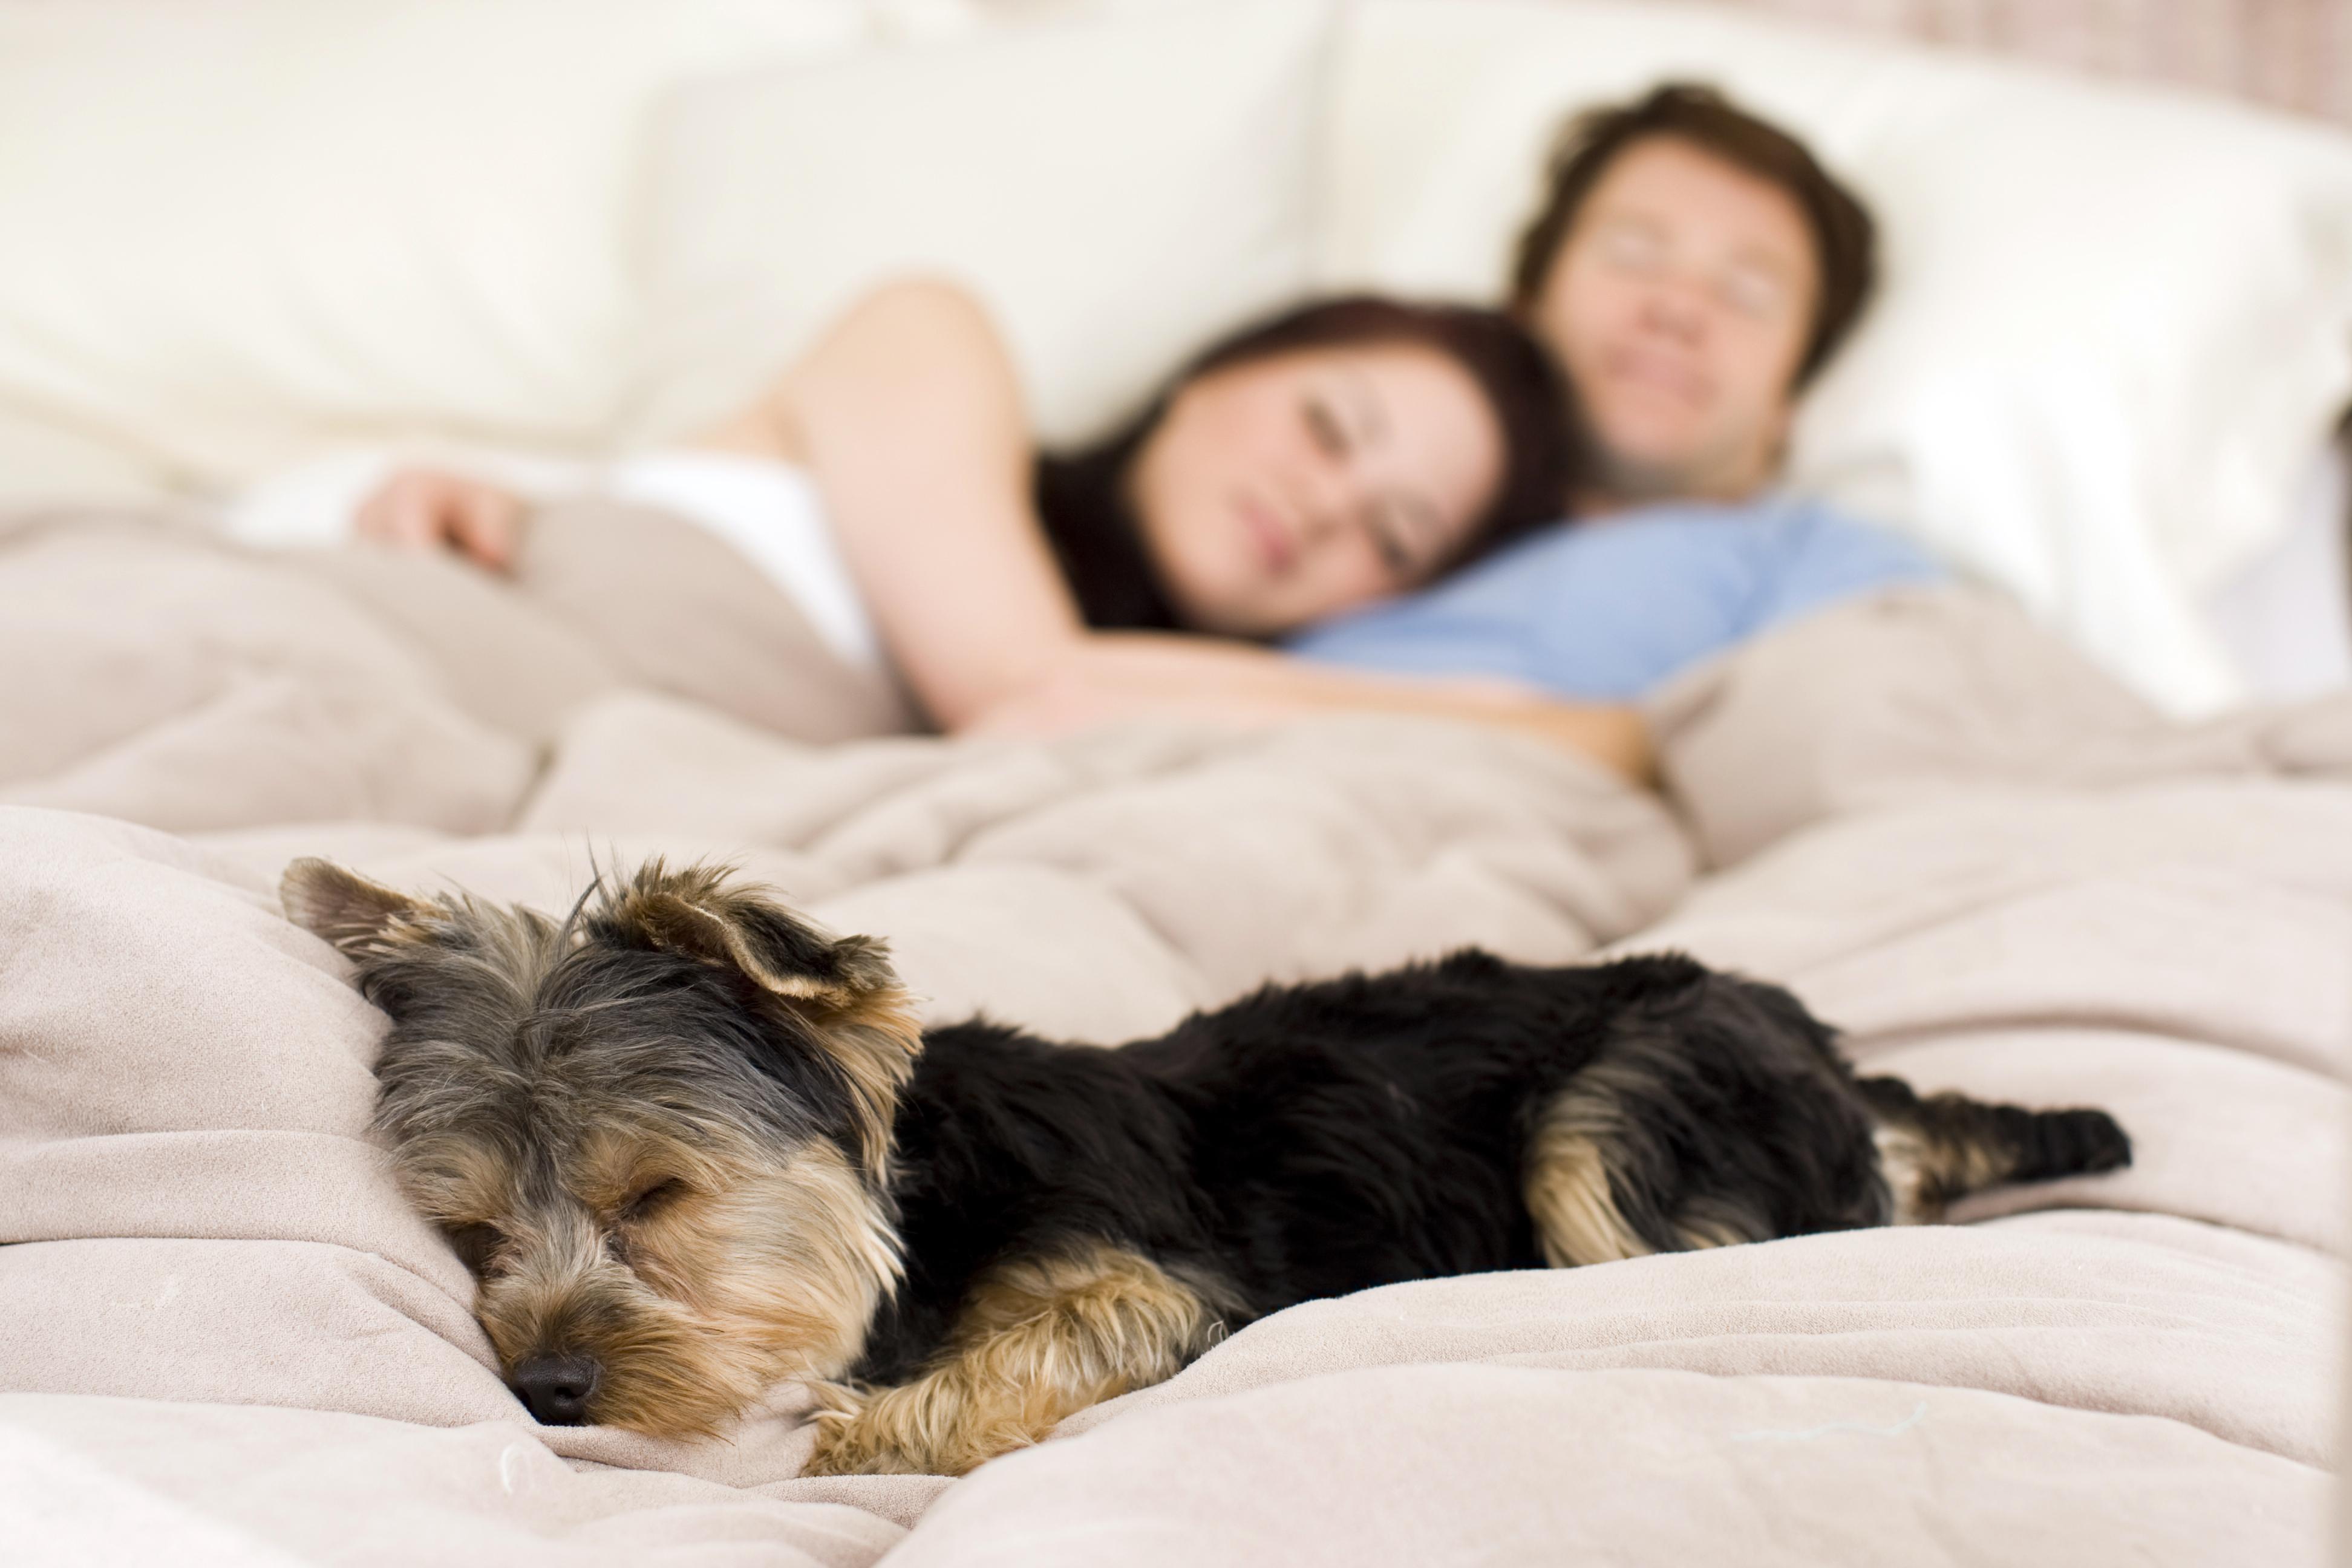 Hundägarna i studien sov bättre och besökte läkare mer sällan.